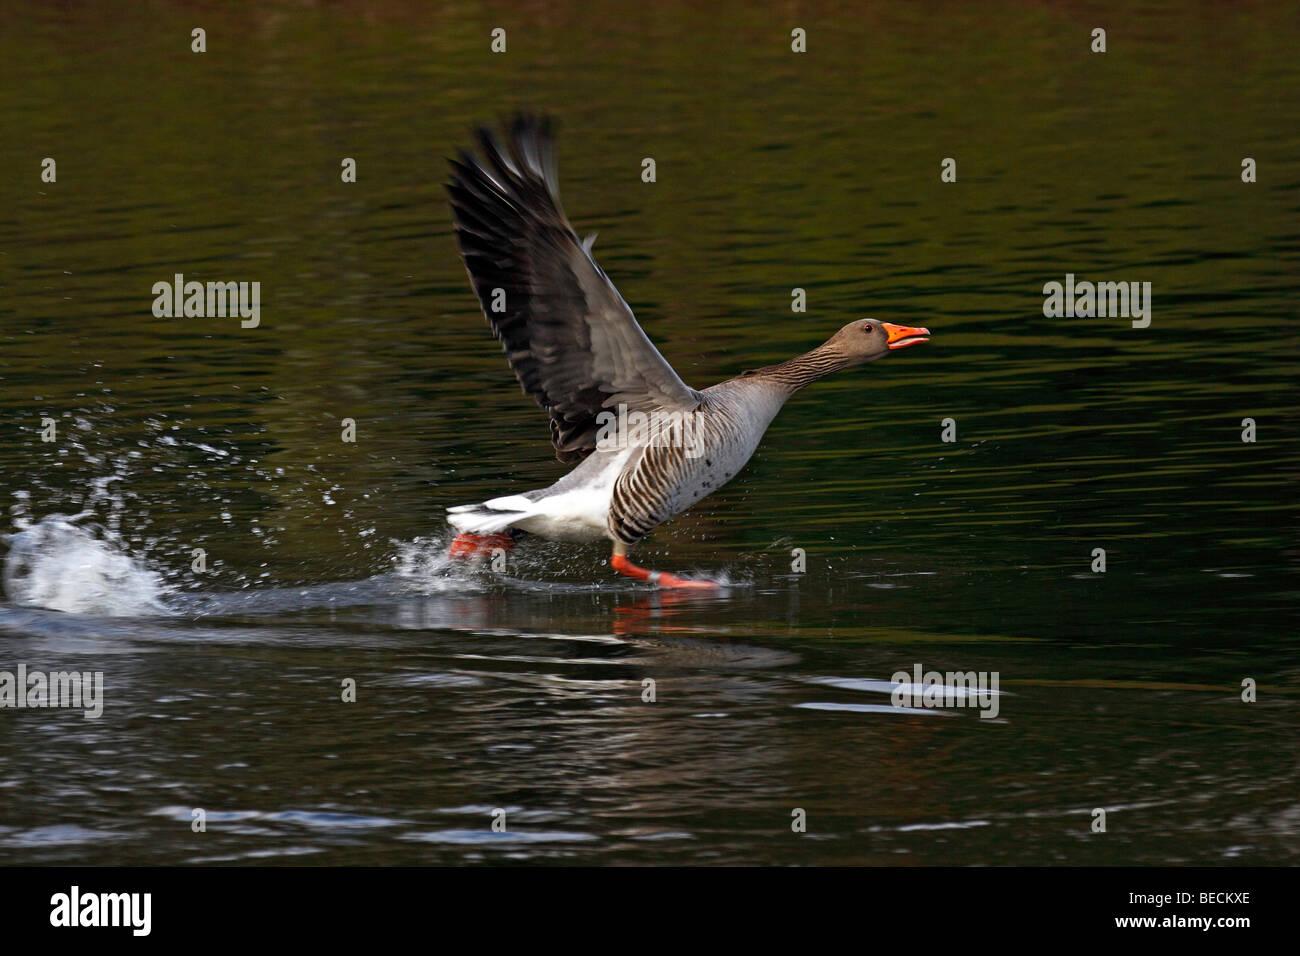 Grey goose, greylag goose (Anser anser) running over water Stock Photo